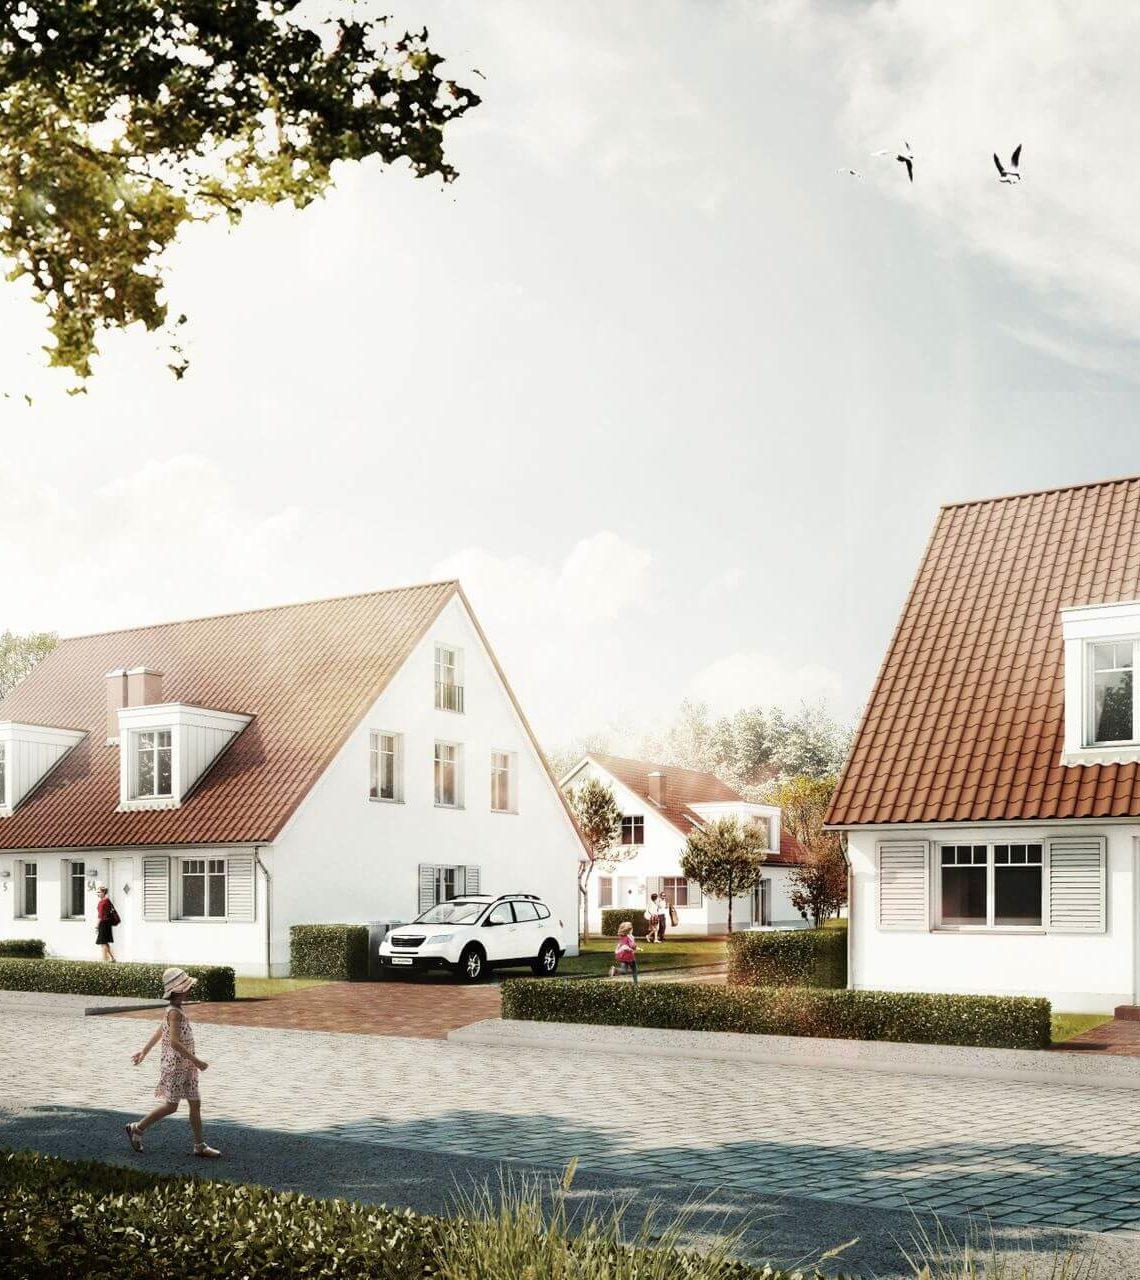 Wohnungsbauprojekt Gartenensemble